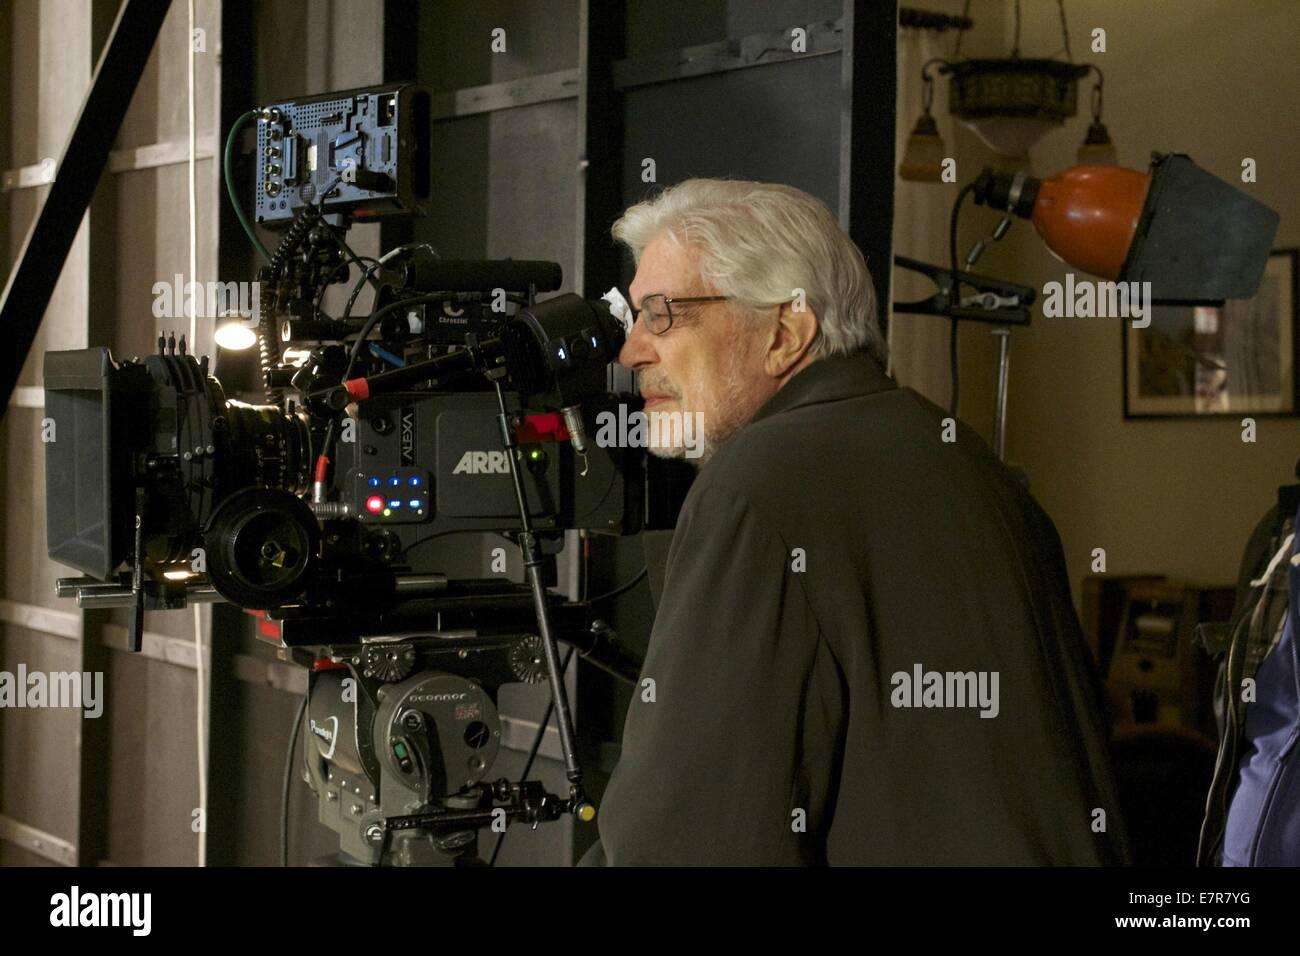 Ettore Scola Ettore Scola Shooting Picture Stock Photos & Ettore ...